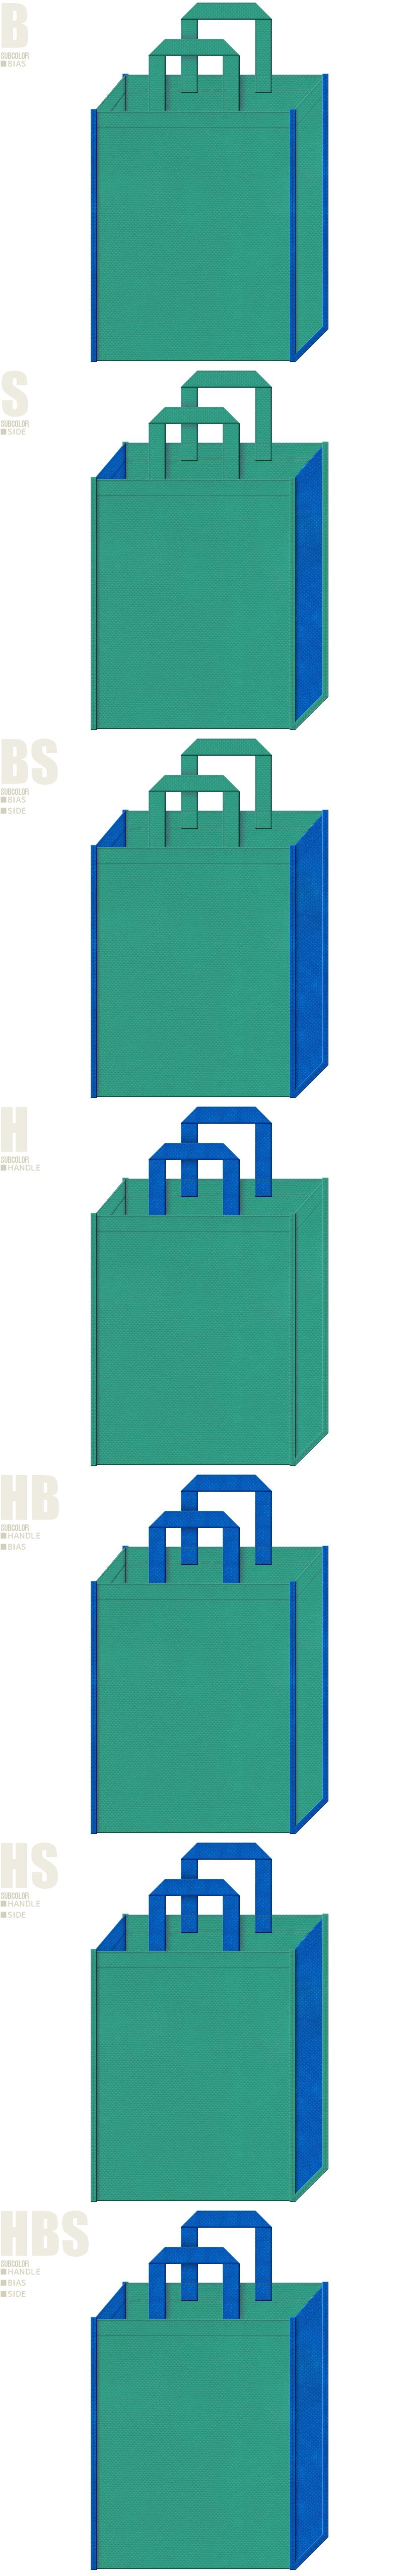 不織布トートバッグのデザイン例-不織布メインカラーNo.31+サブカラーNo.の2色7パターン